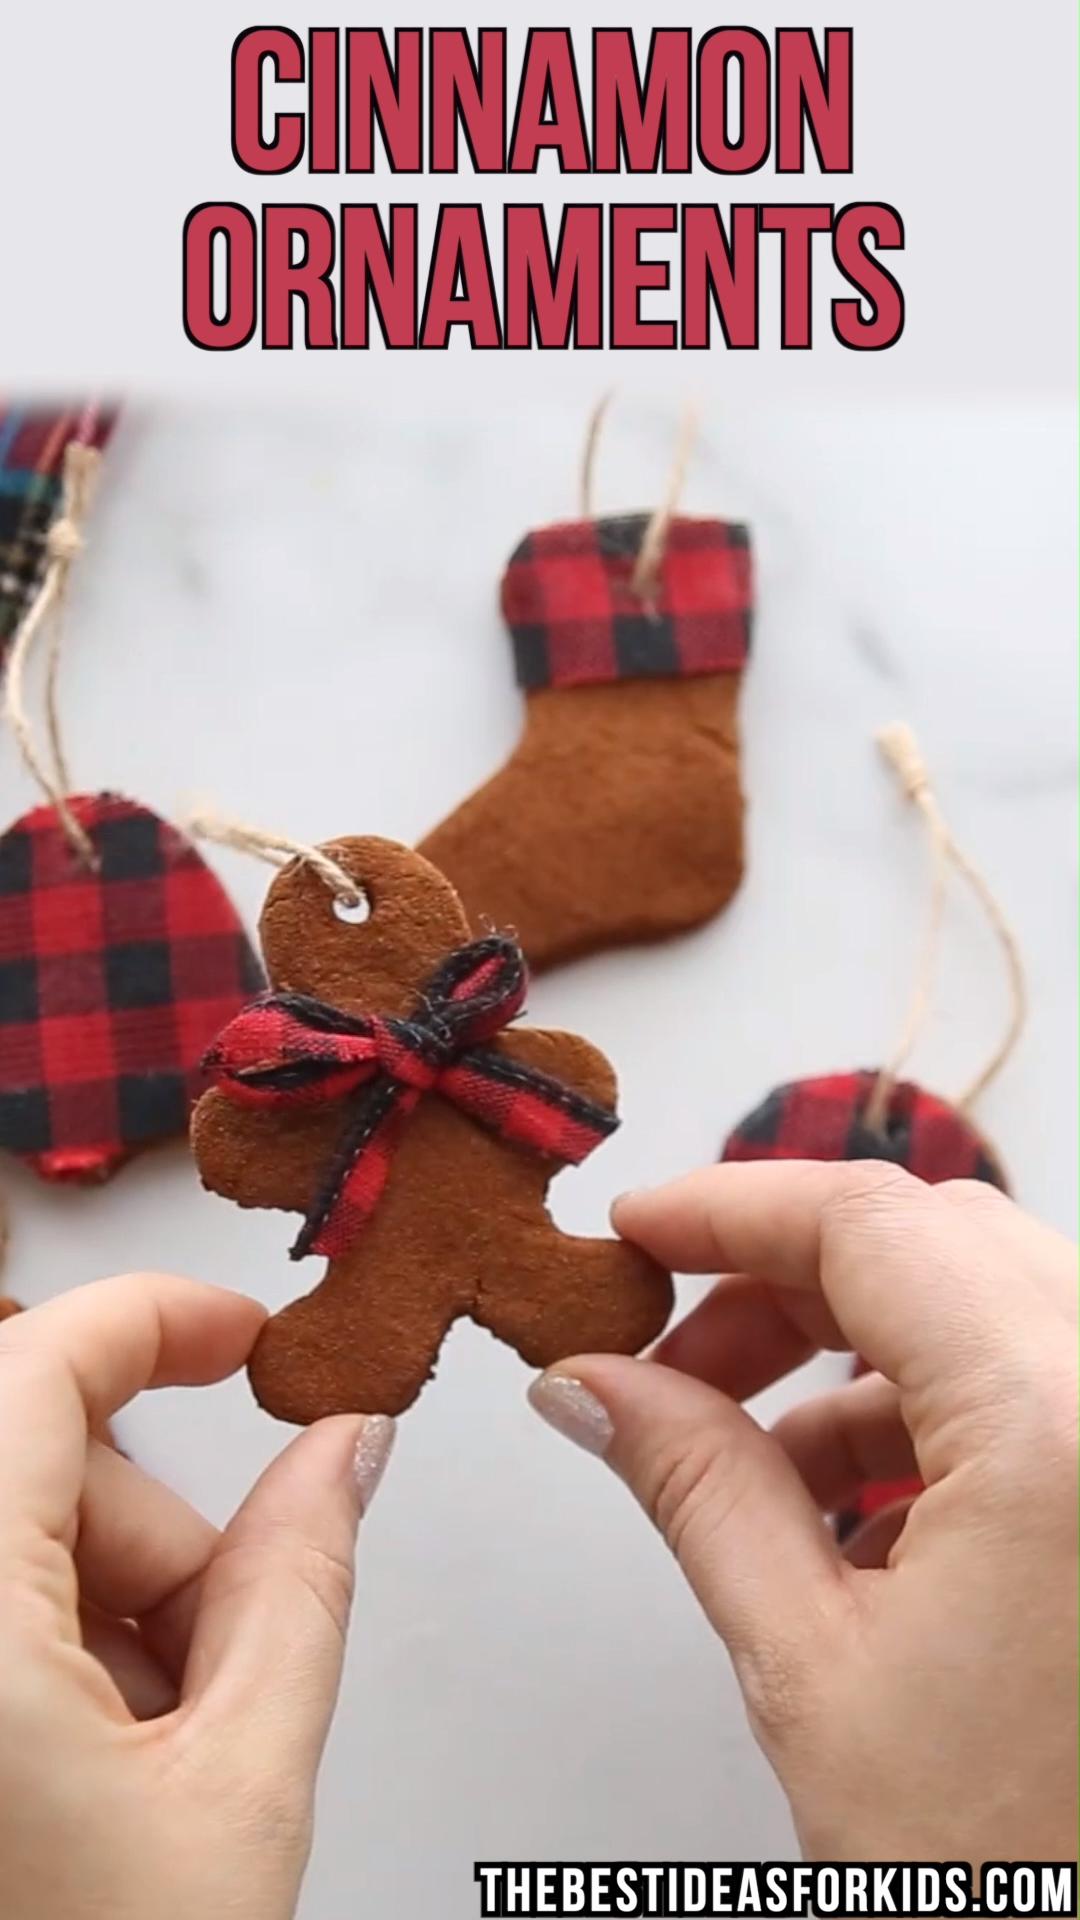 CINNAMON APPLESAUCE ORNAMENTS - such an easy cinnamon ornament recipe! An easy recipe for cinnamon applesauce ornaments. No baking required! Easy step-by-step tutorial for a cinnamon ornament recipe.